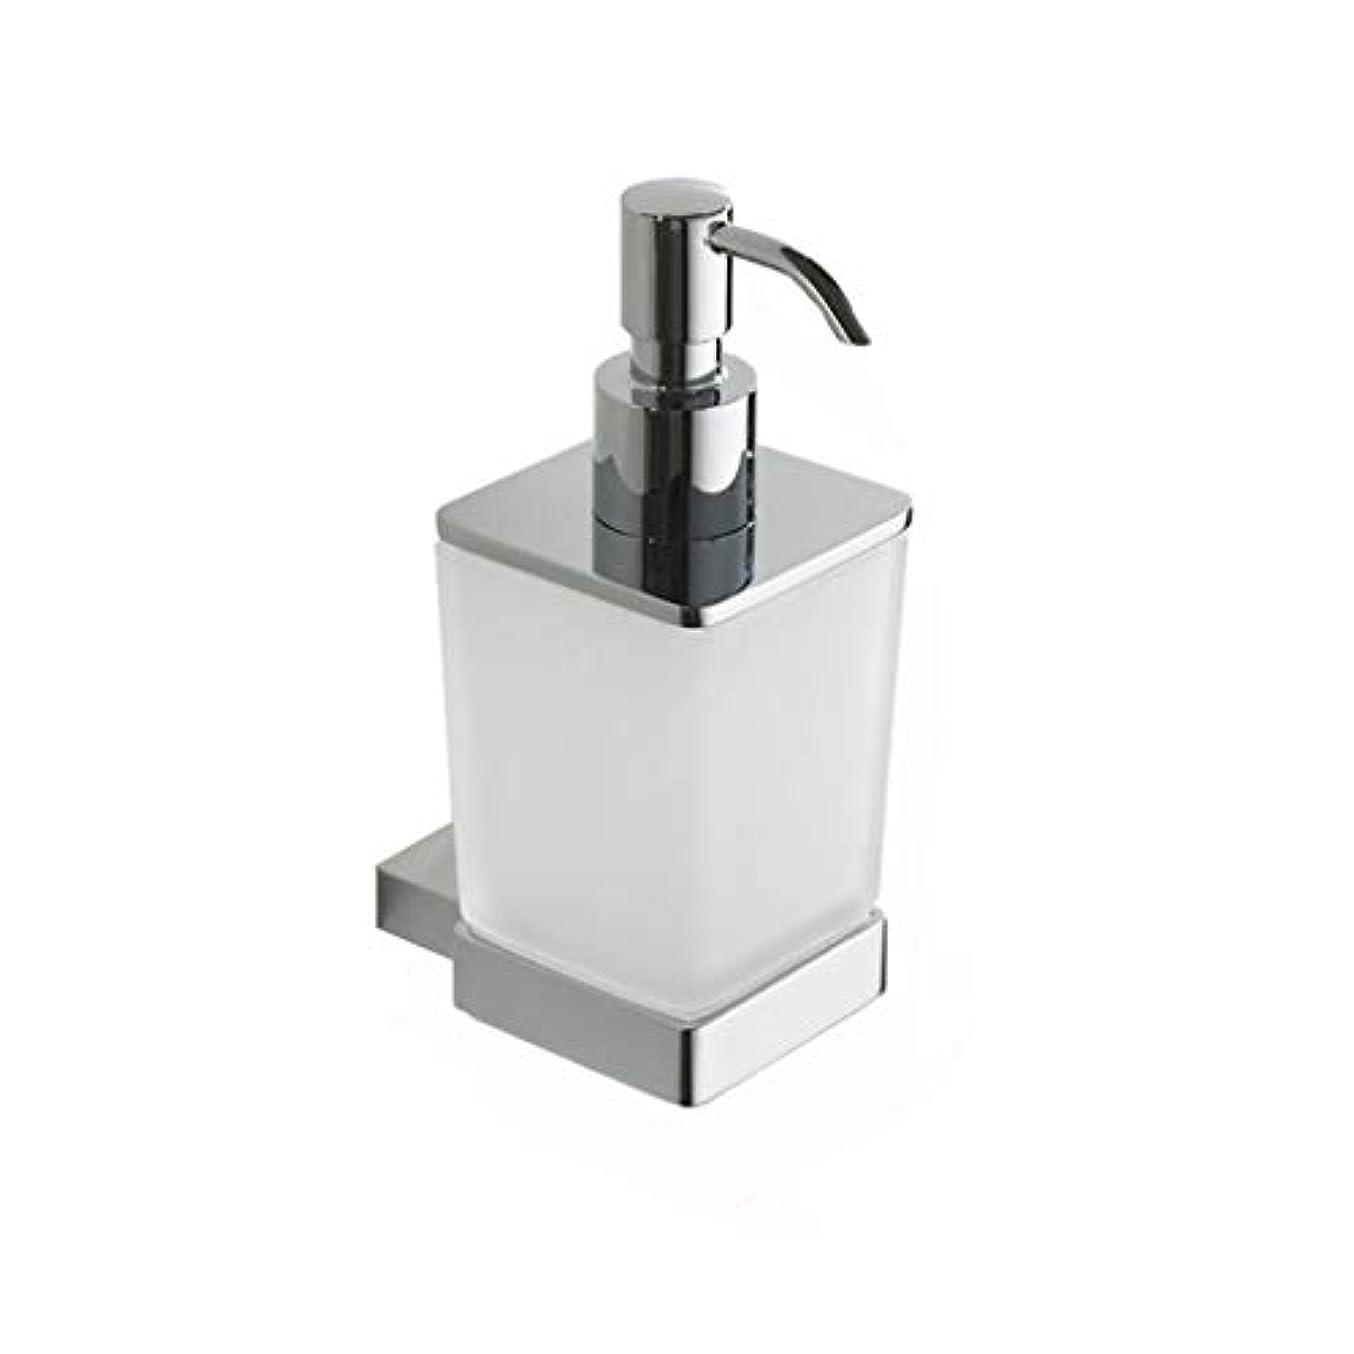 急いで勃起右Kylinssh 、浴室のための金属の詰め替え式液体手の石鹸ディスペンサーポンプボトル - 安い、ディスカウント価格また手の消毒剤及び精油のために使用することができます